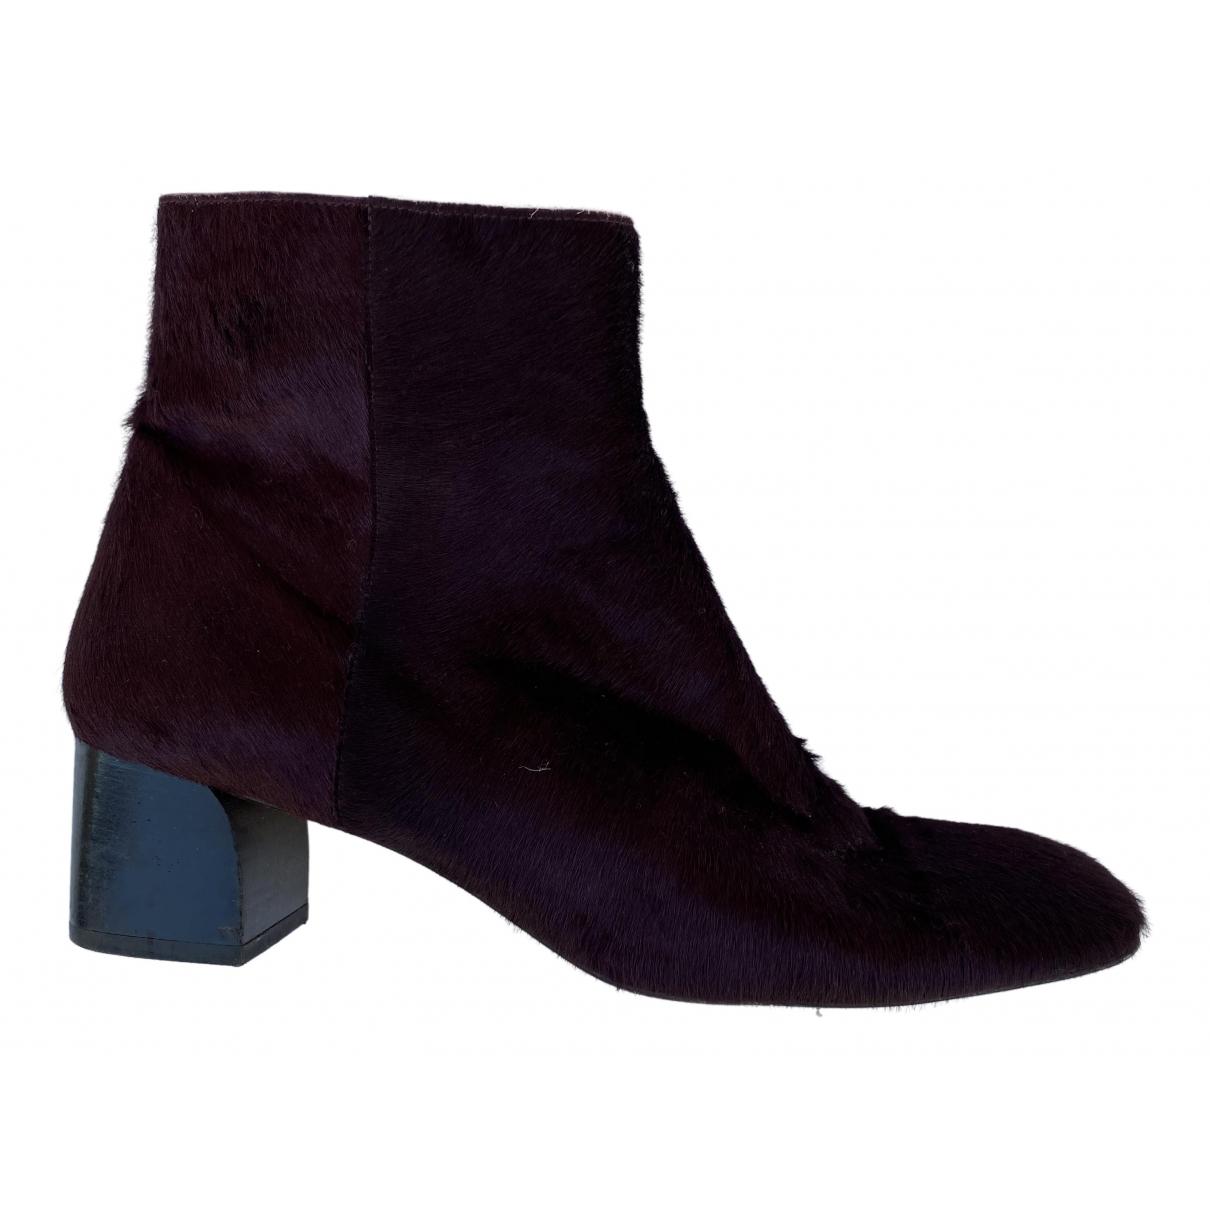 Castaner - Boots   pour femme en veau facon poulain - bordeaux